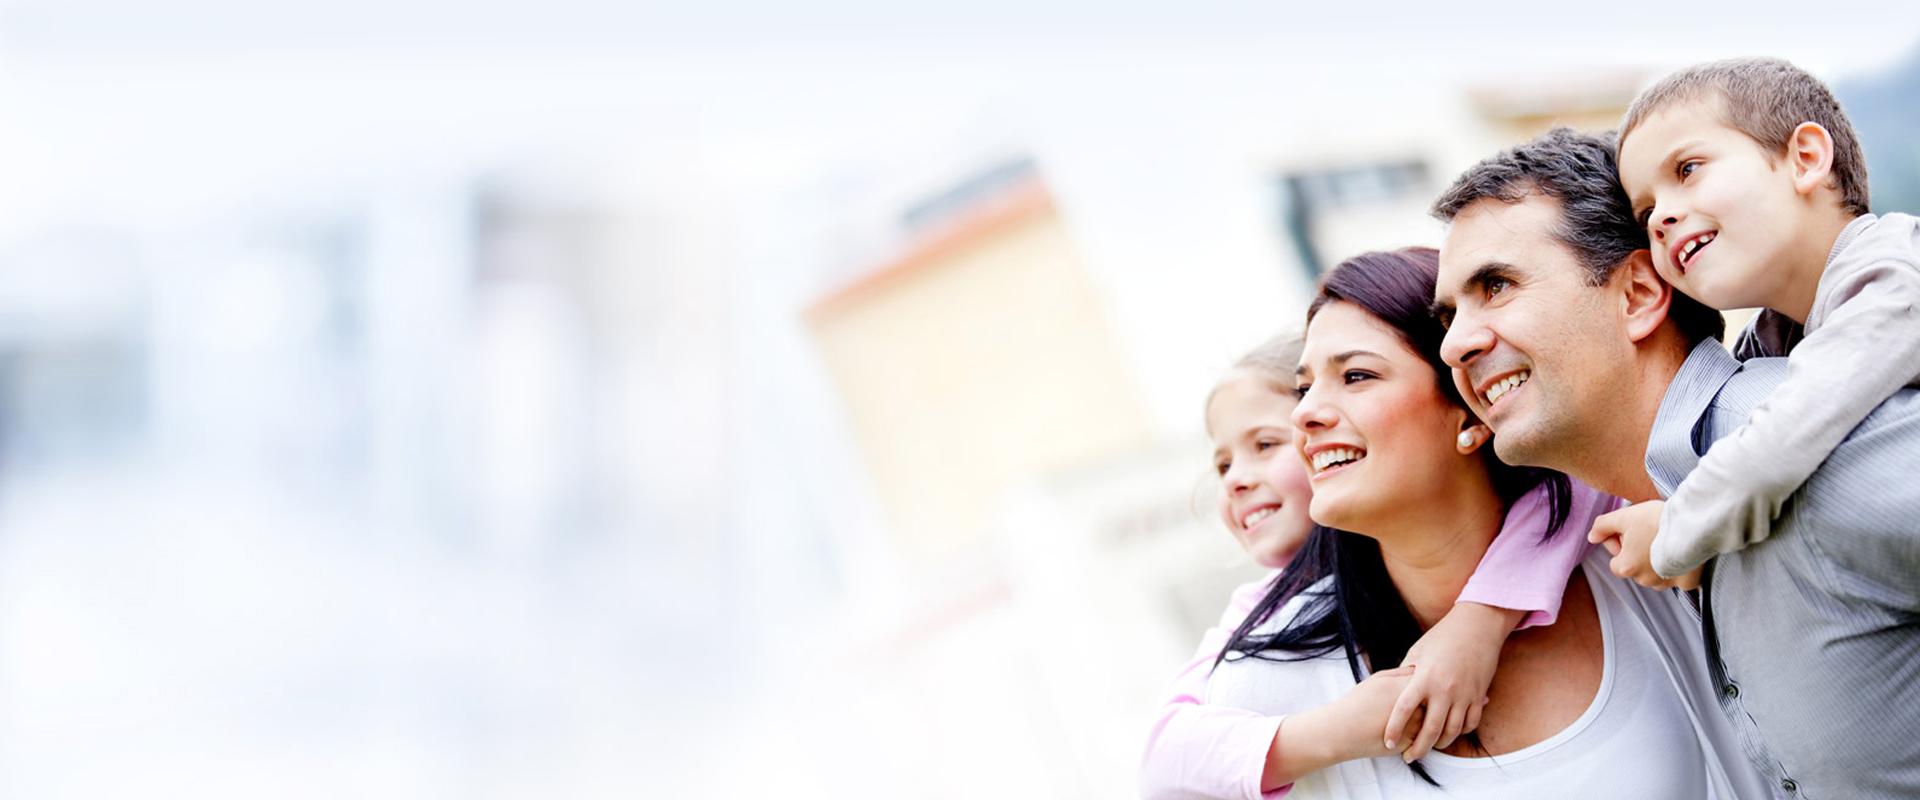 Life Insurance for NRI